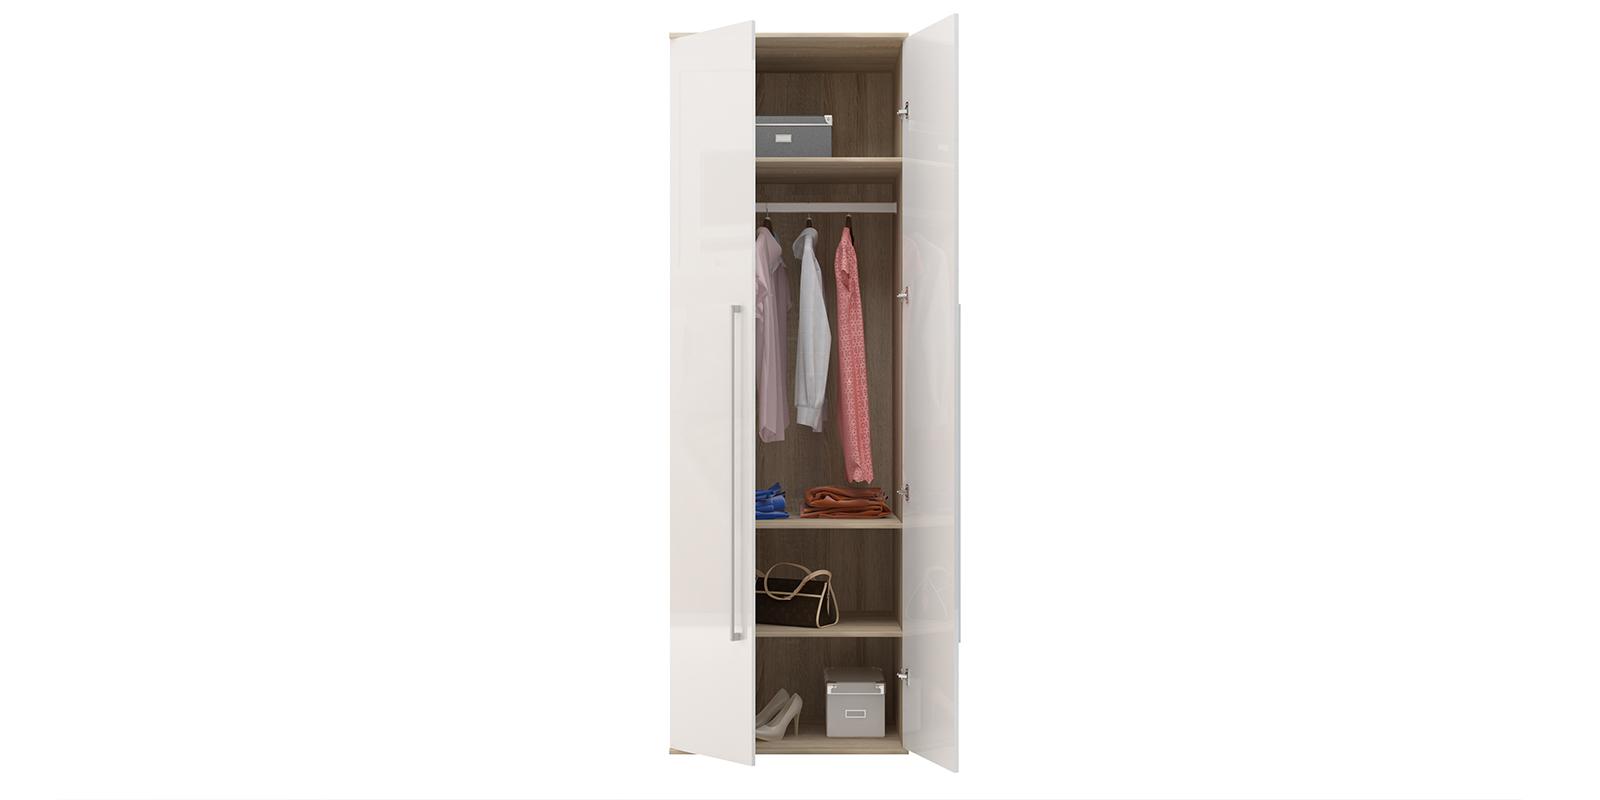 Шкаф распашной двухдверный Бали вариант №1 (белый глянец/дуб сонома) от HomeMe.ru